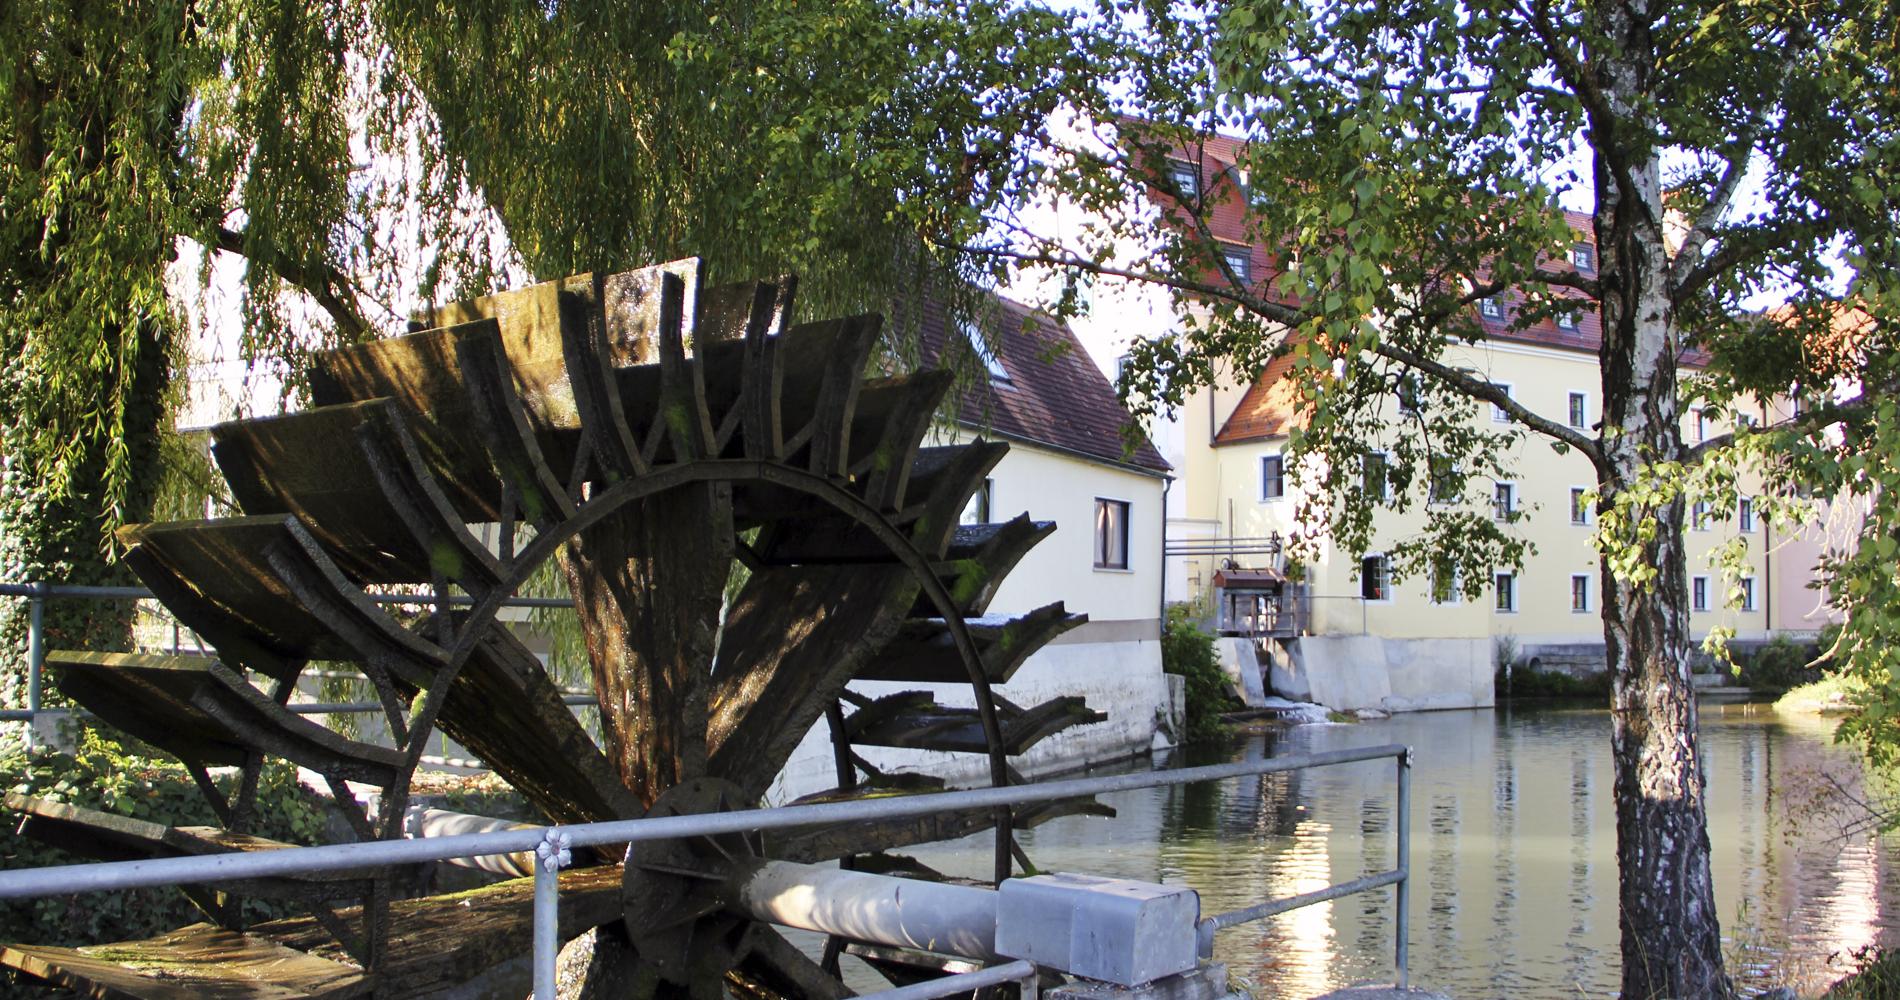 Auch in Wertingen: Die Weyermühle im ehemaligen Klosterkomplex aus dem 13. Jahrhundert